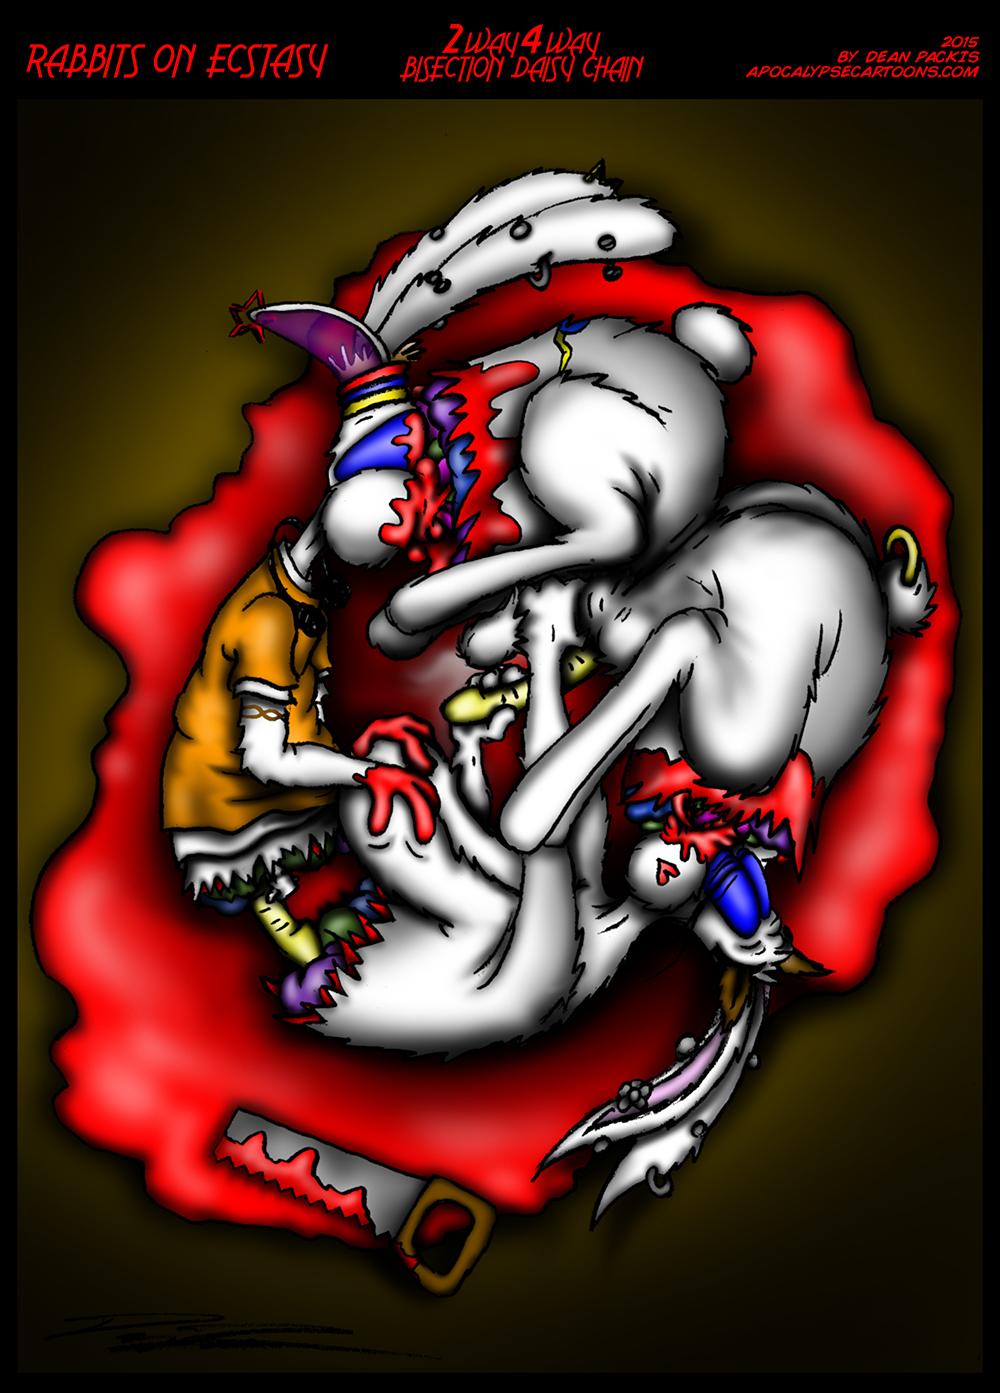 Rabbits on Ecstasy comic 012